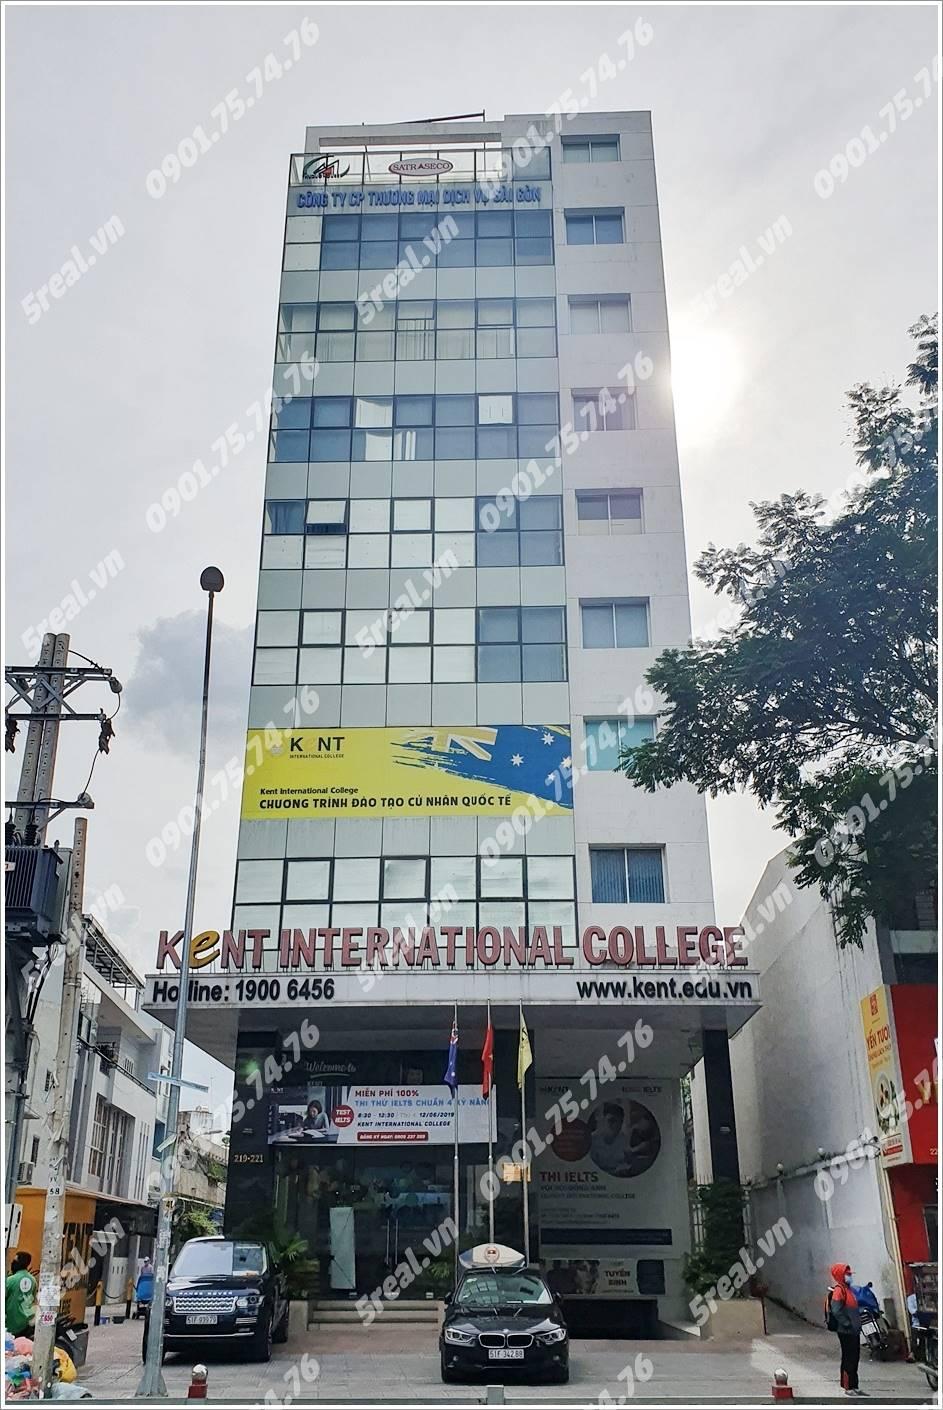 kent-building-xo-viet-nghe-tinh-quan-binh-thanh-van-phong-cho-thue-tphcm-5real.vn-01